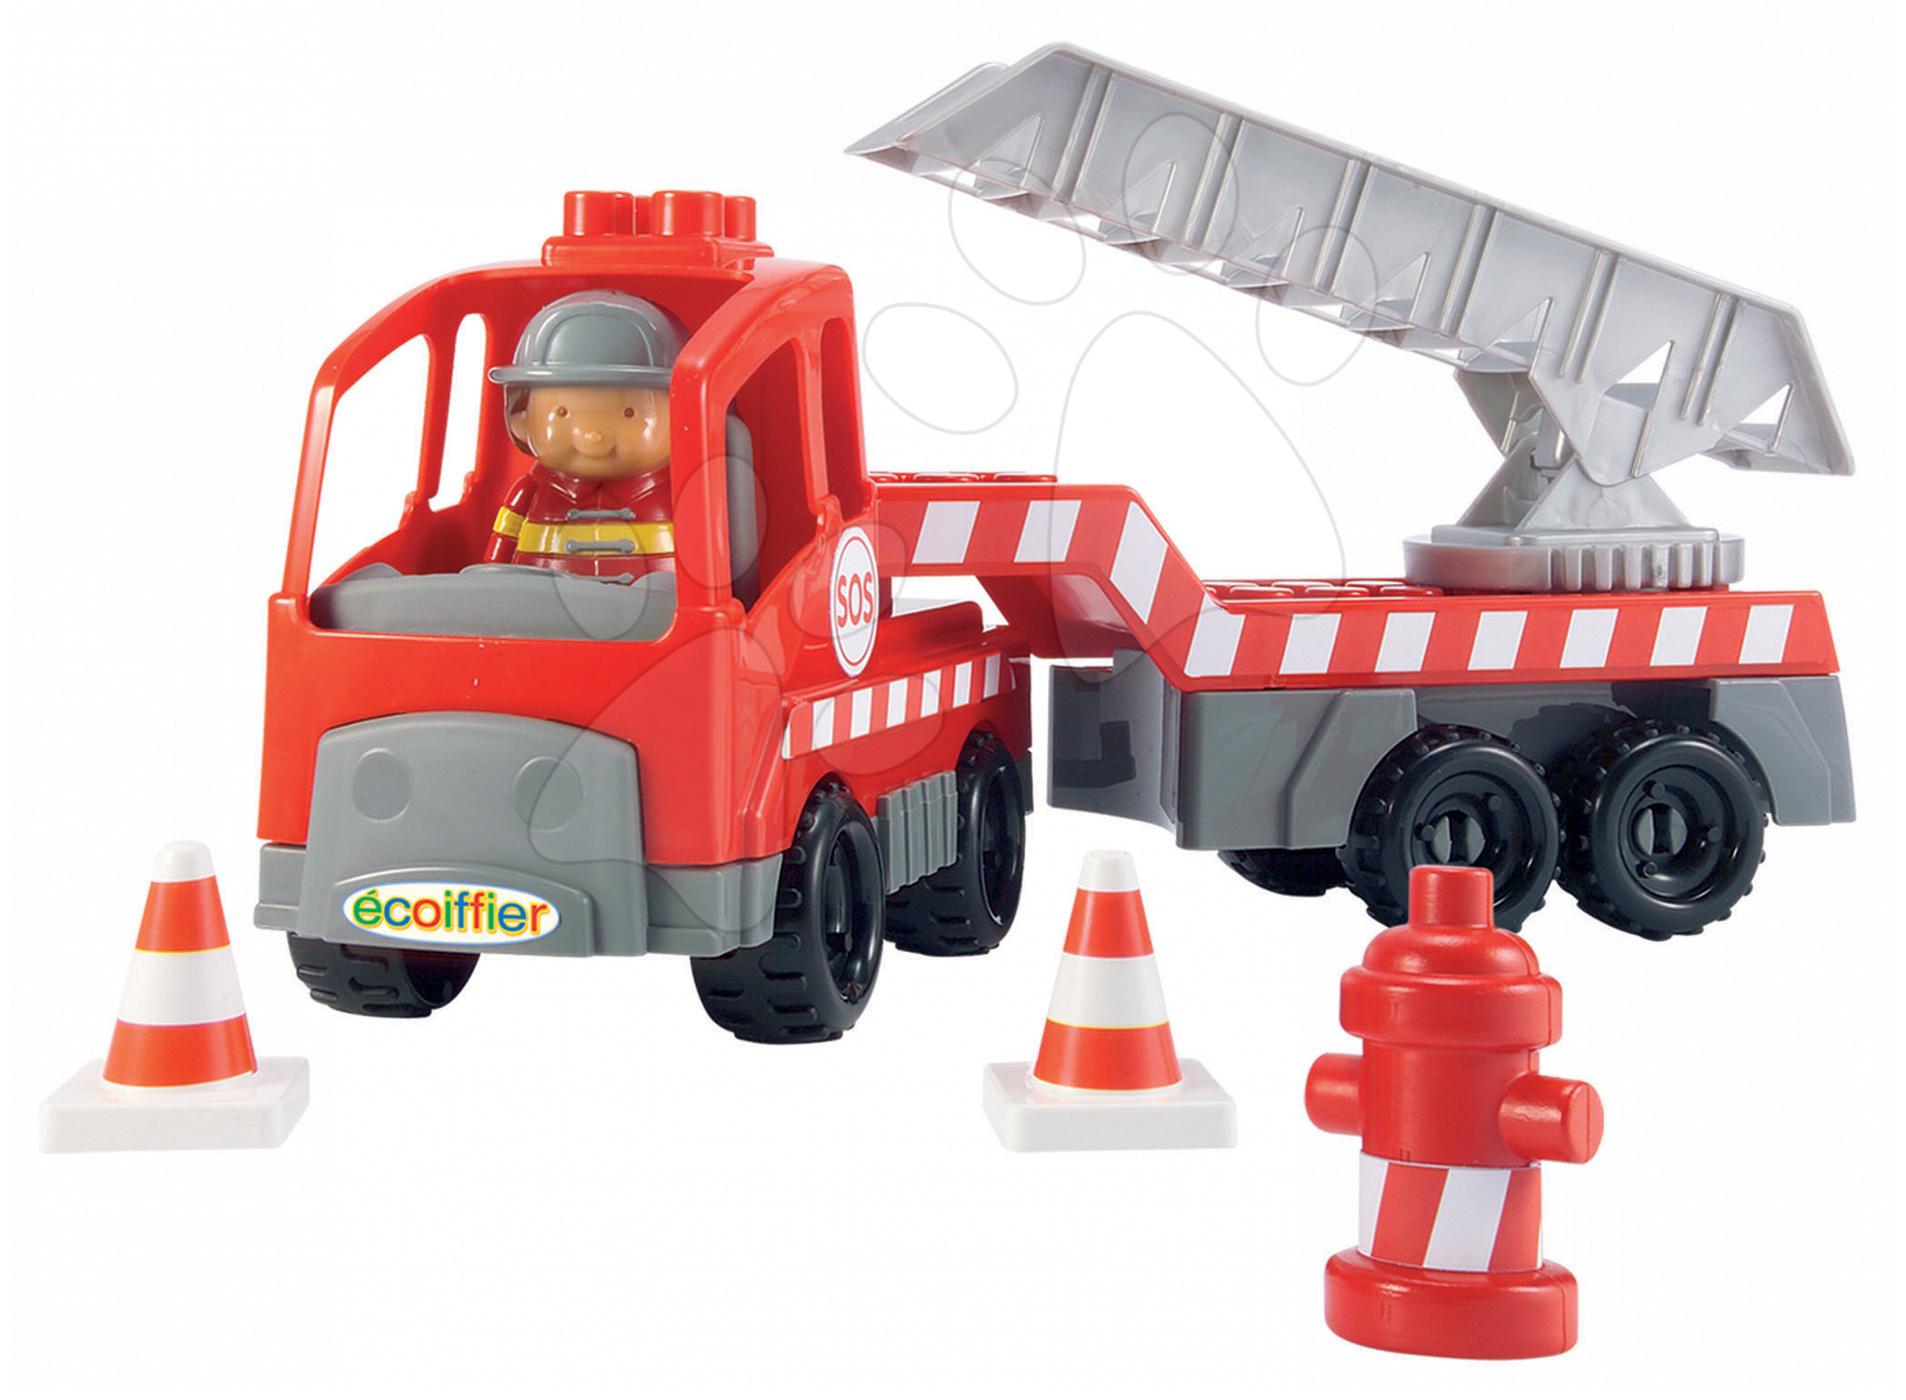 Stavebnice Abrick - Stavebnice Abrick – požární kamion s jeřábem Écoiffier 18 dílů od 18 měsíců